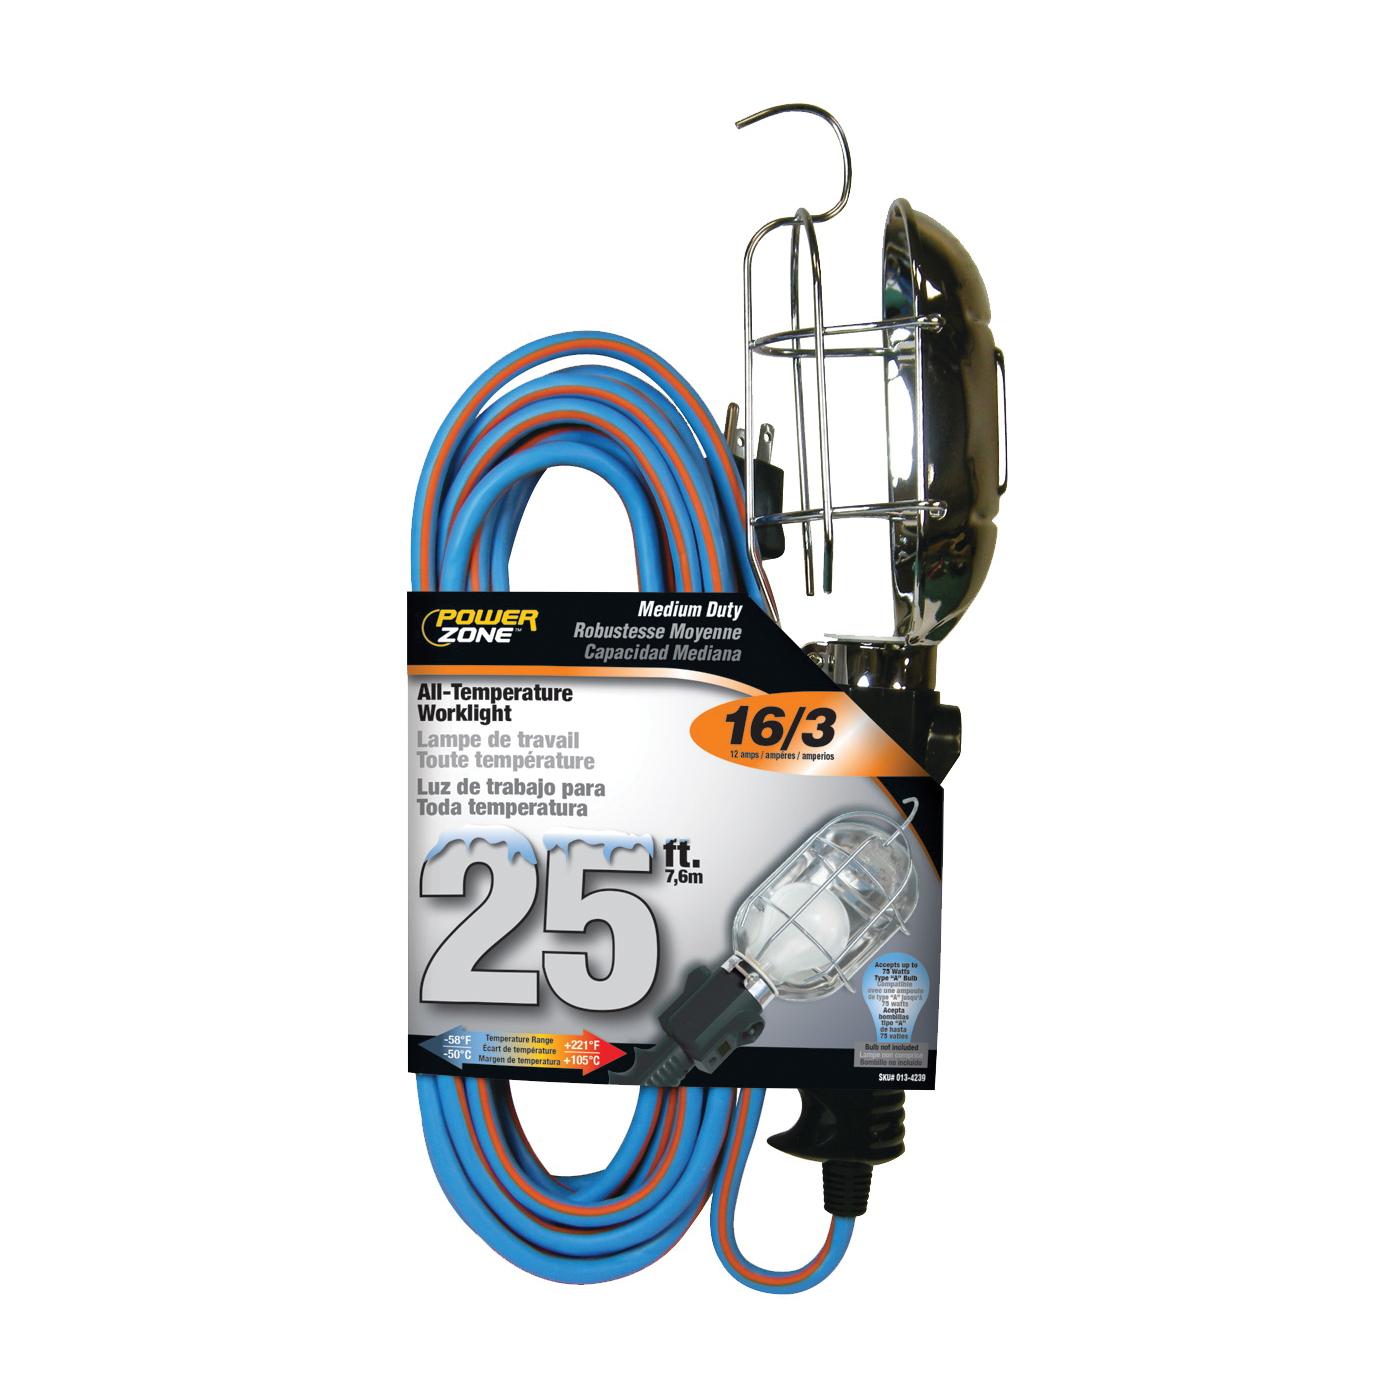 Powerzone ORTL020625